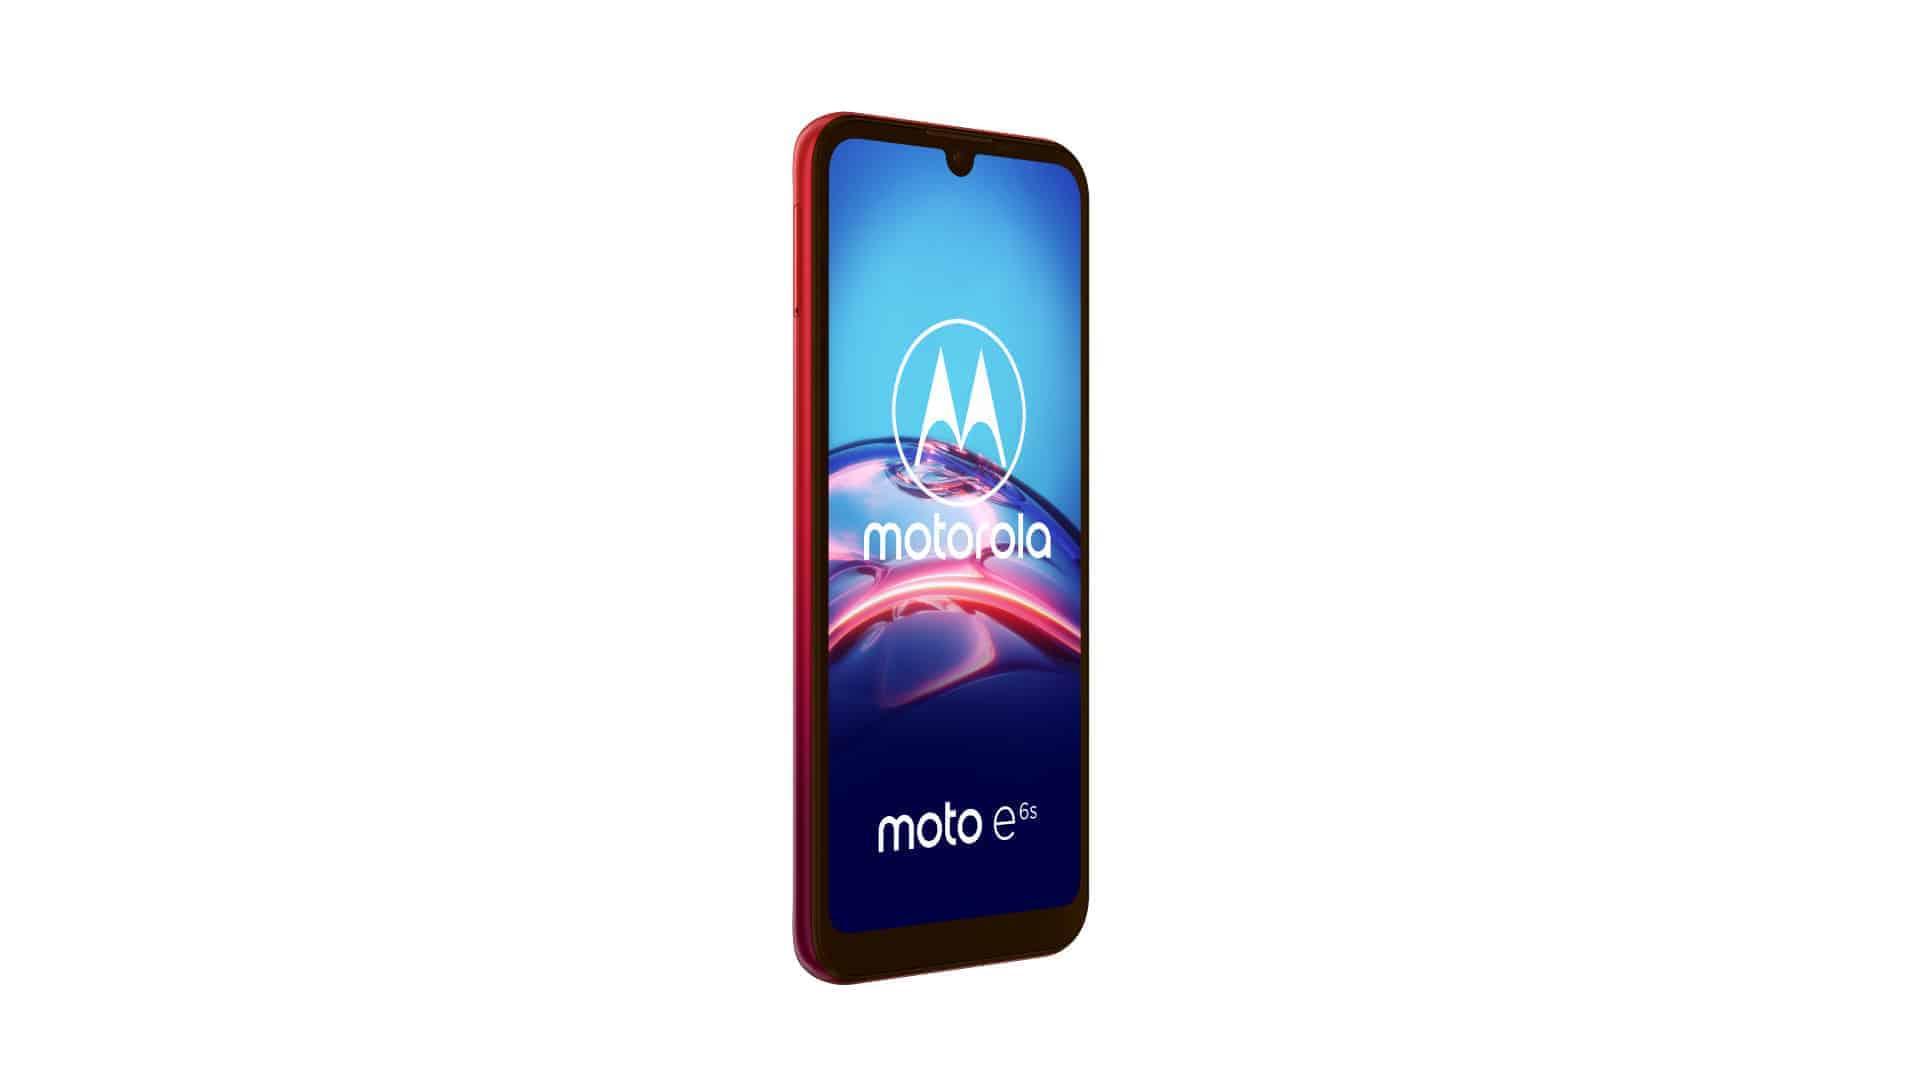 Motorola Moto e6s 9